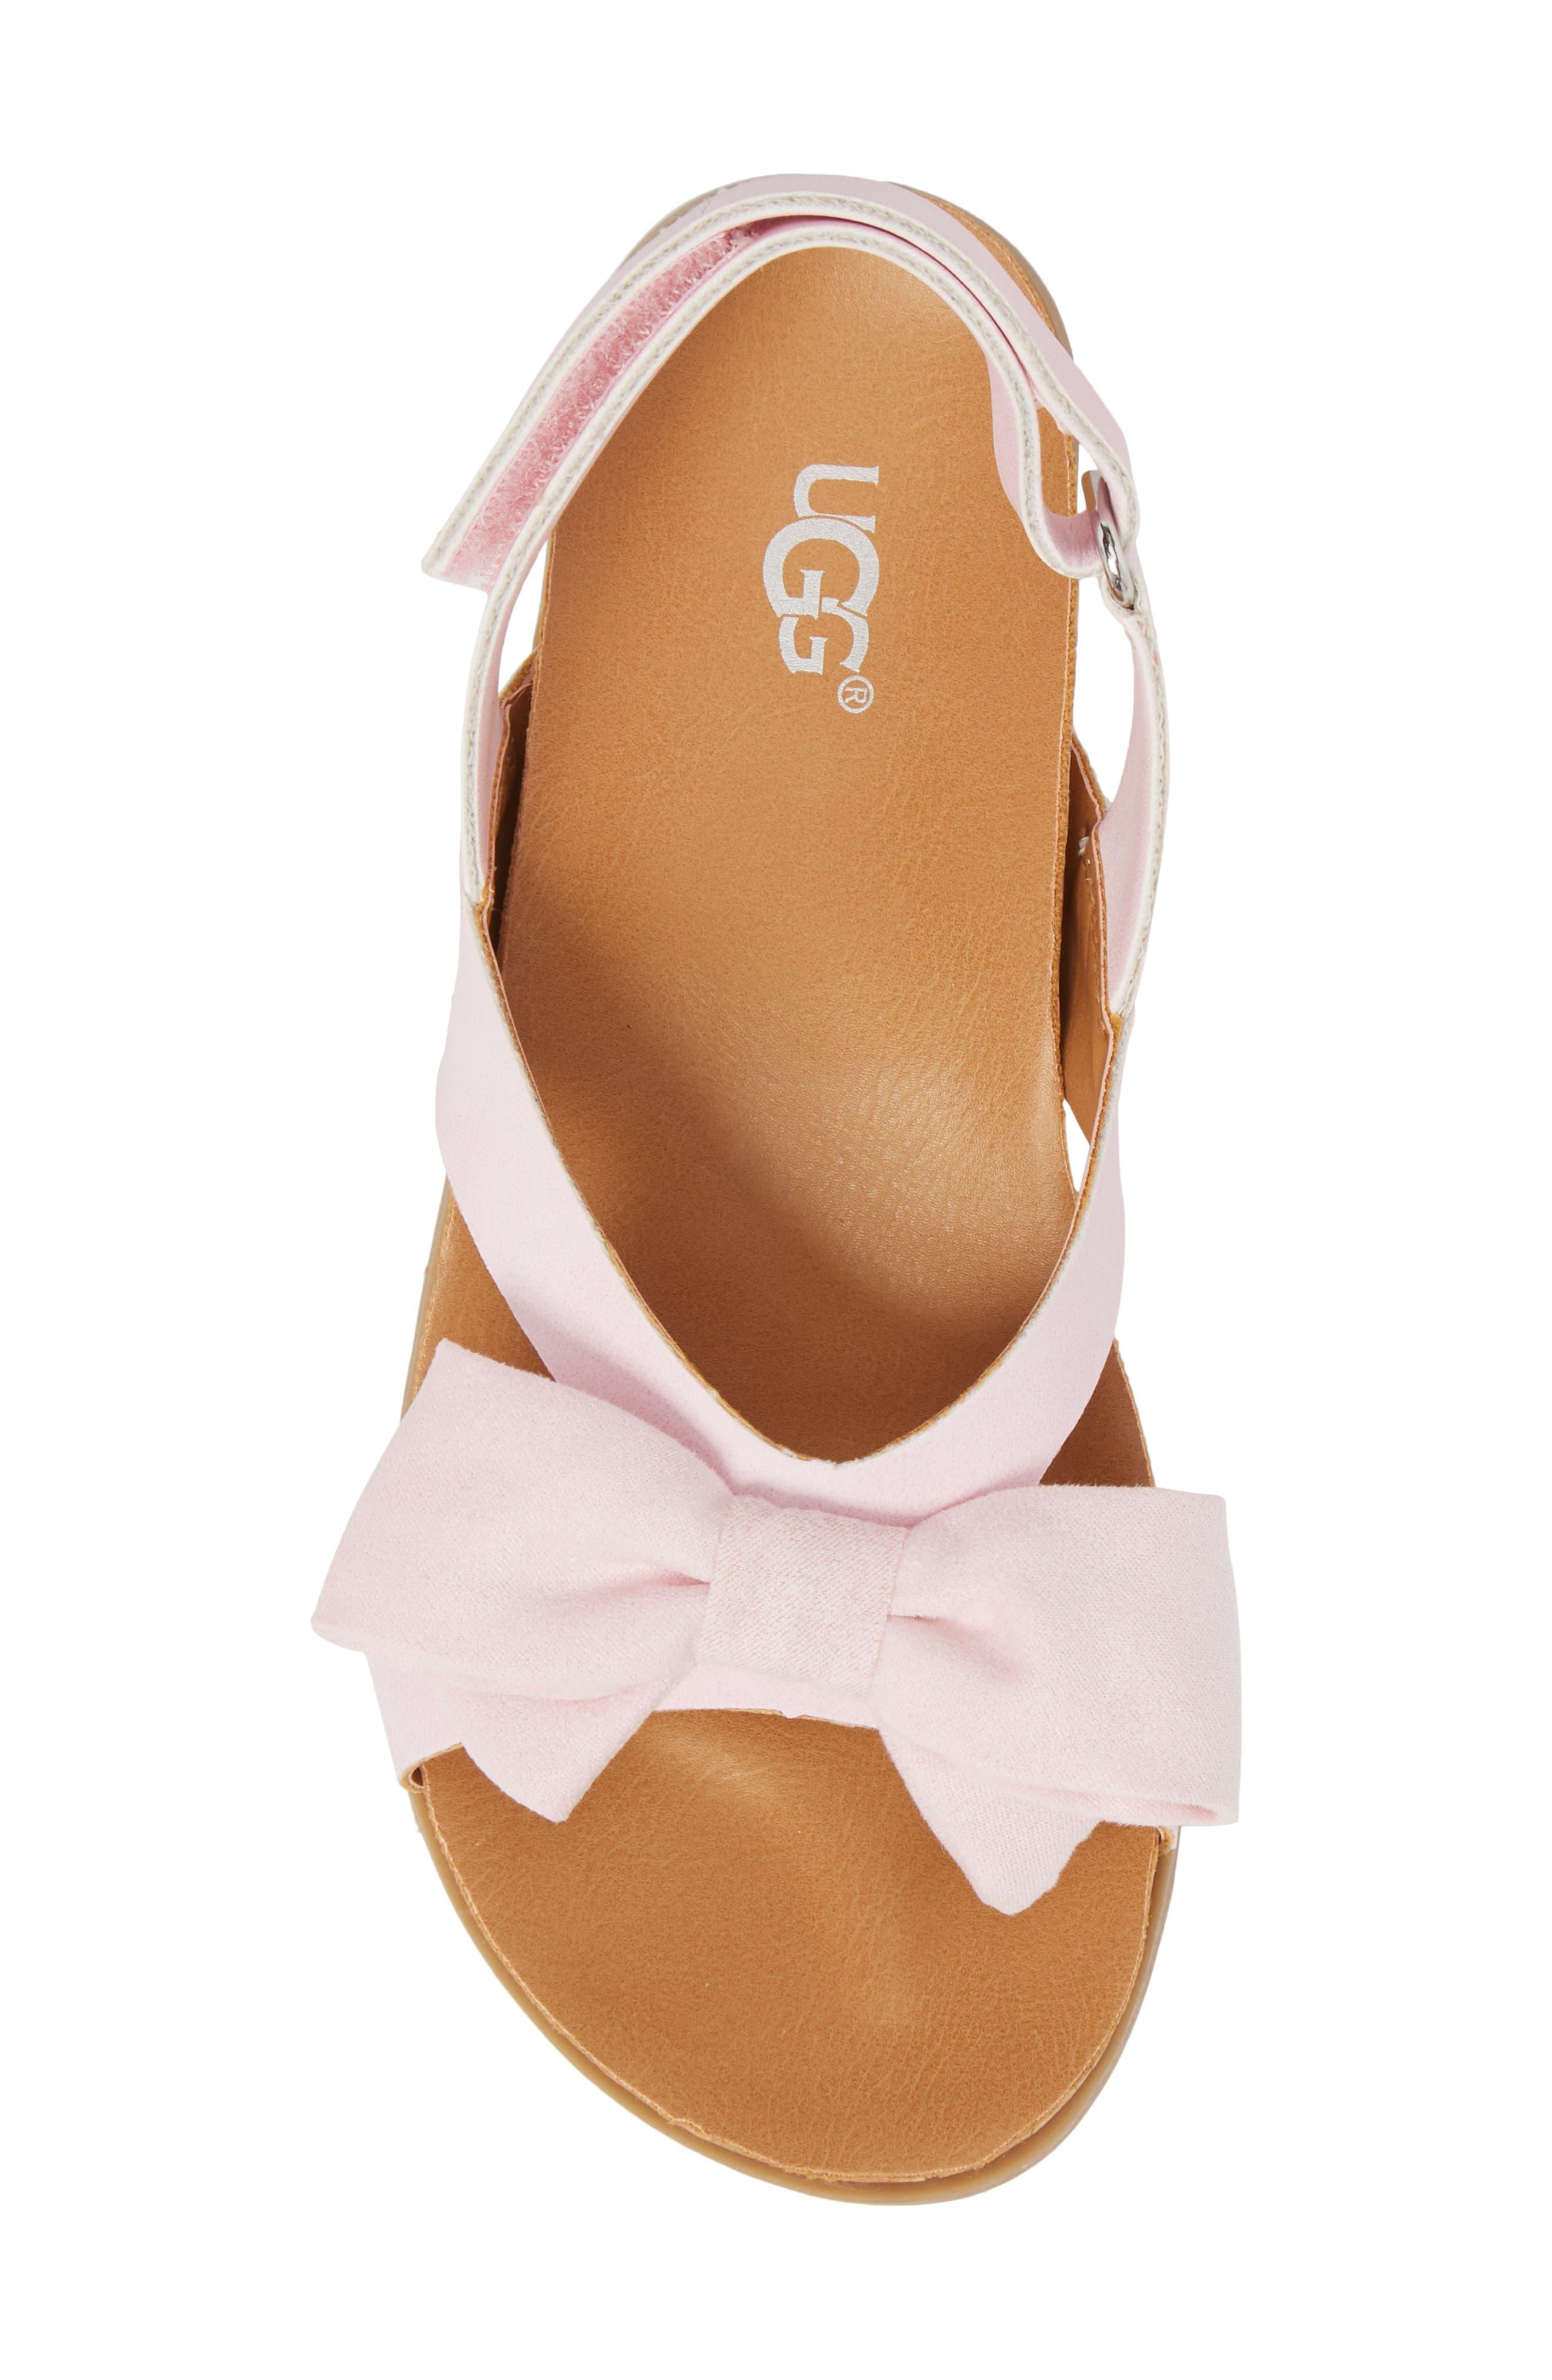 Fonda Sandal,                             Alternate thumbnail 5, color,                             Seashell Pink